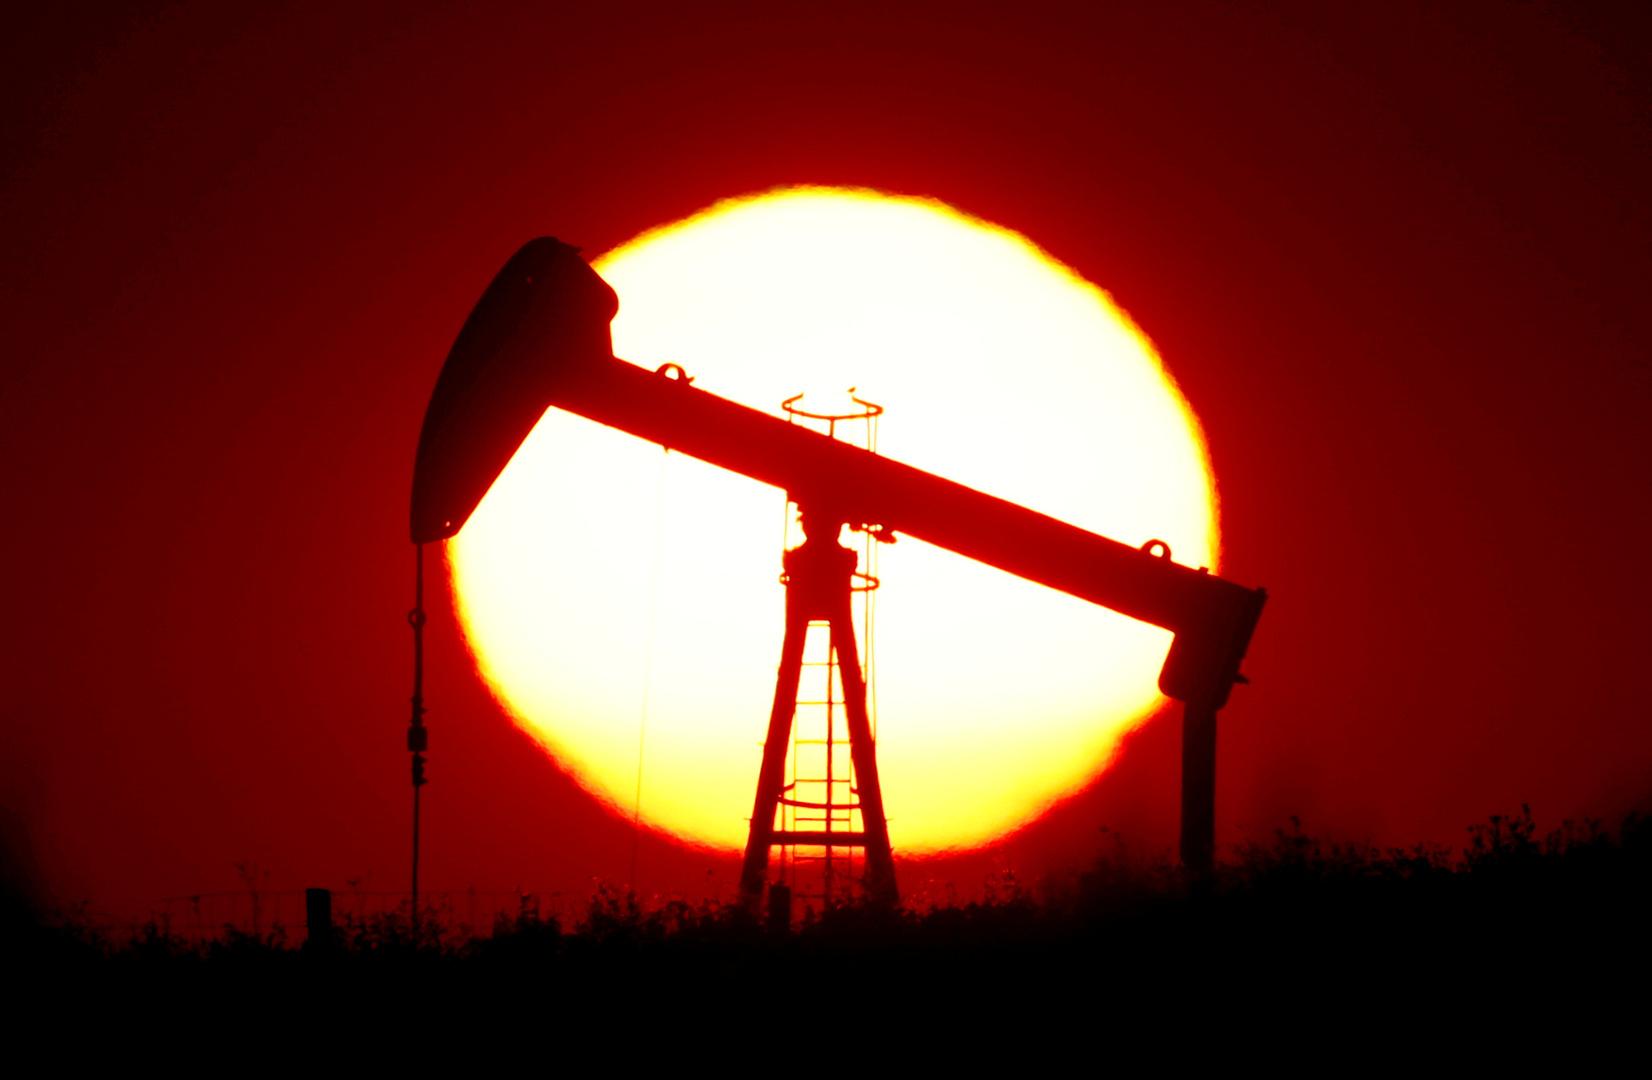 صعود النفط متأثرا بأنباء التحفيز الأمريكي عشية تنصيب بايدن